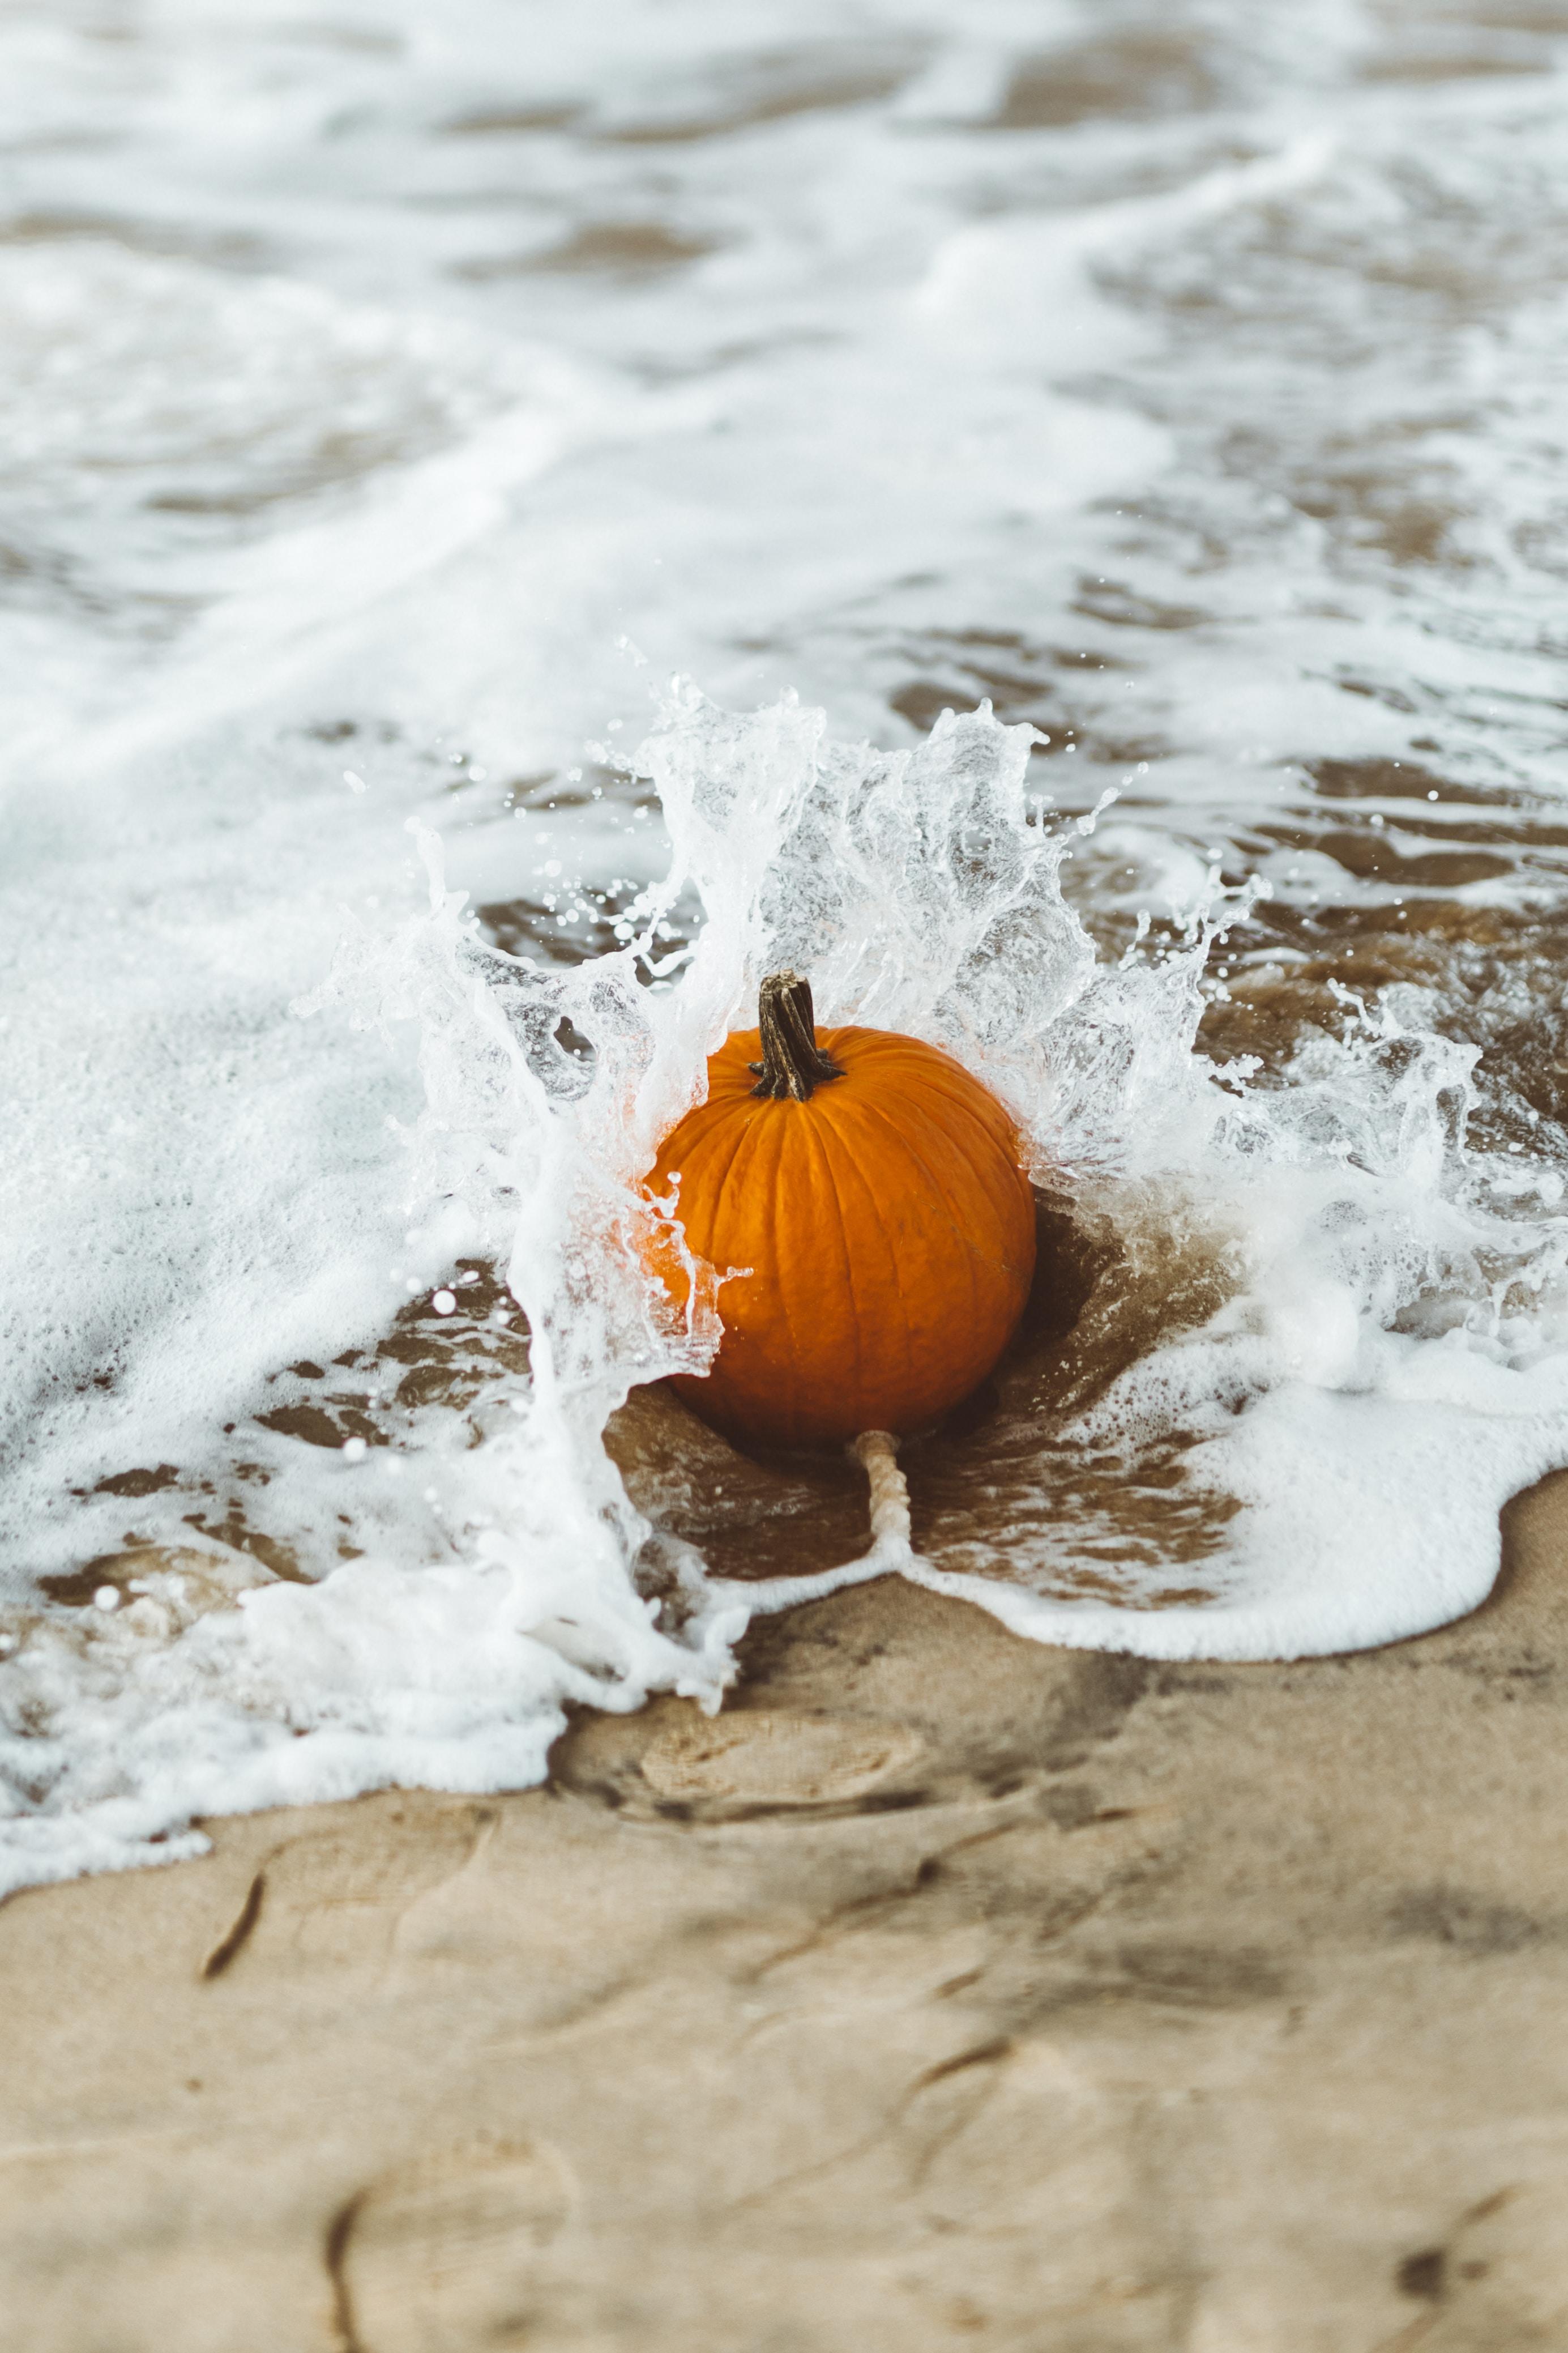 orange squash on wet sand